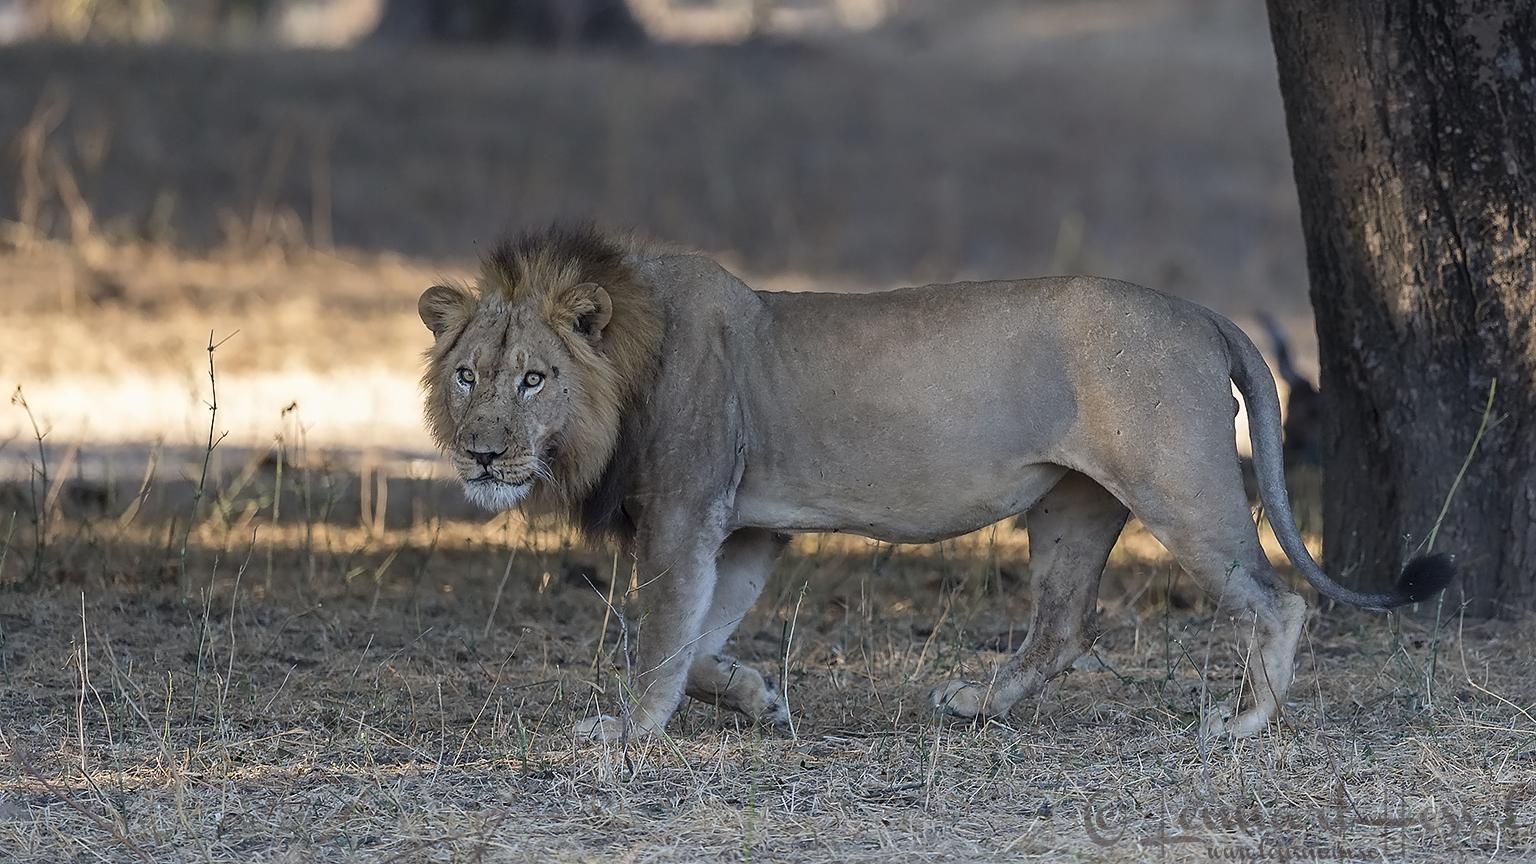 Male Lion seen on safari in Mana Pools